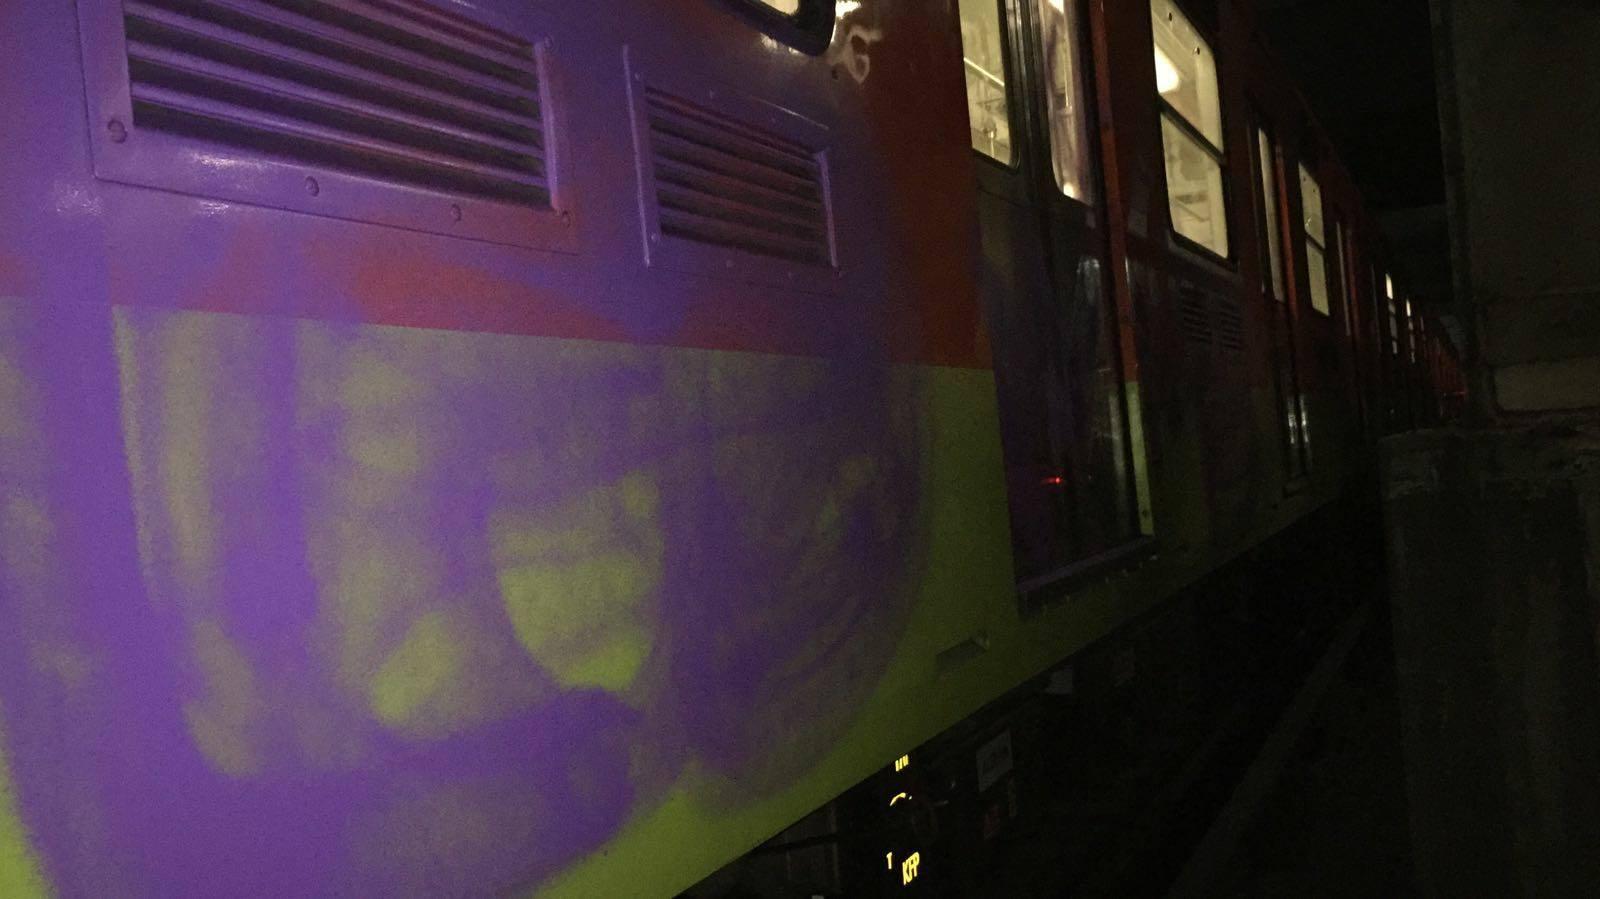 CDMX: Detienen a 6 por intentar grafitear Metro; 4 son extranjeros